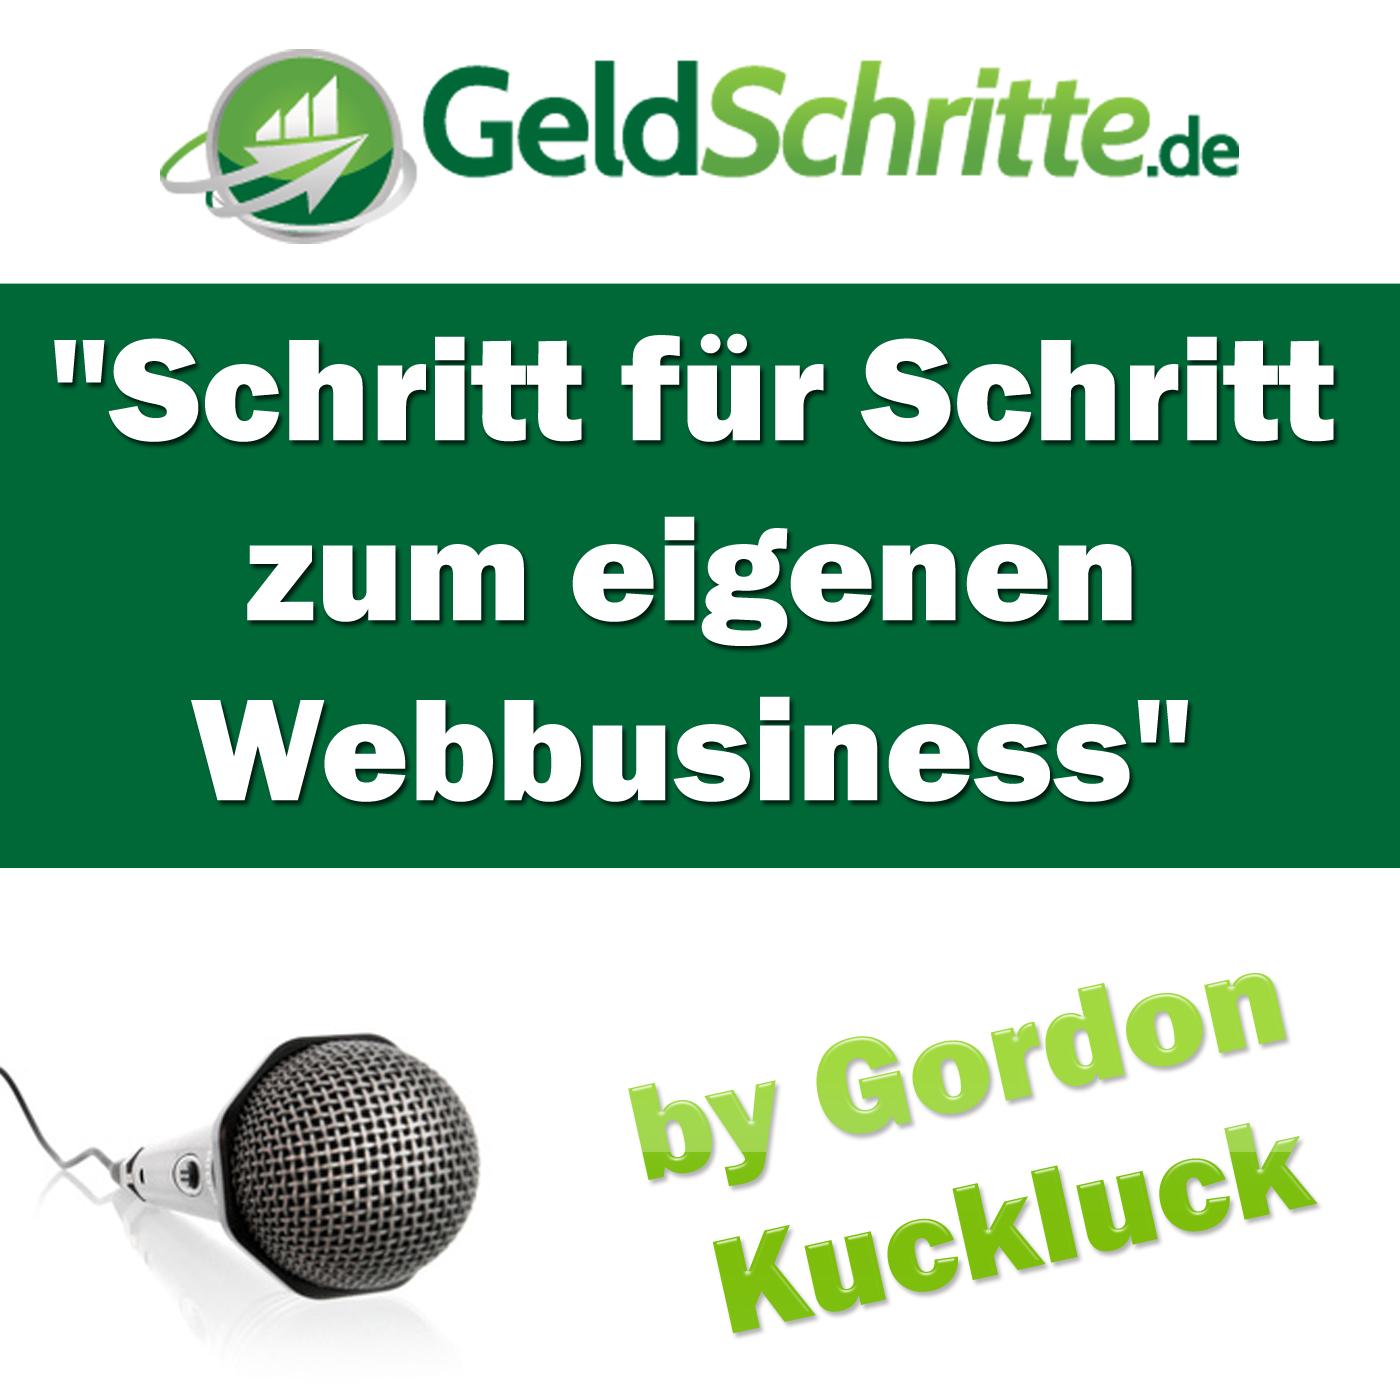 GeldSchritte.de Podcast